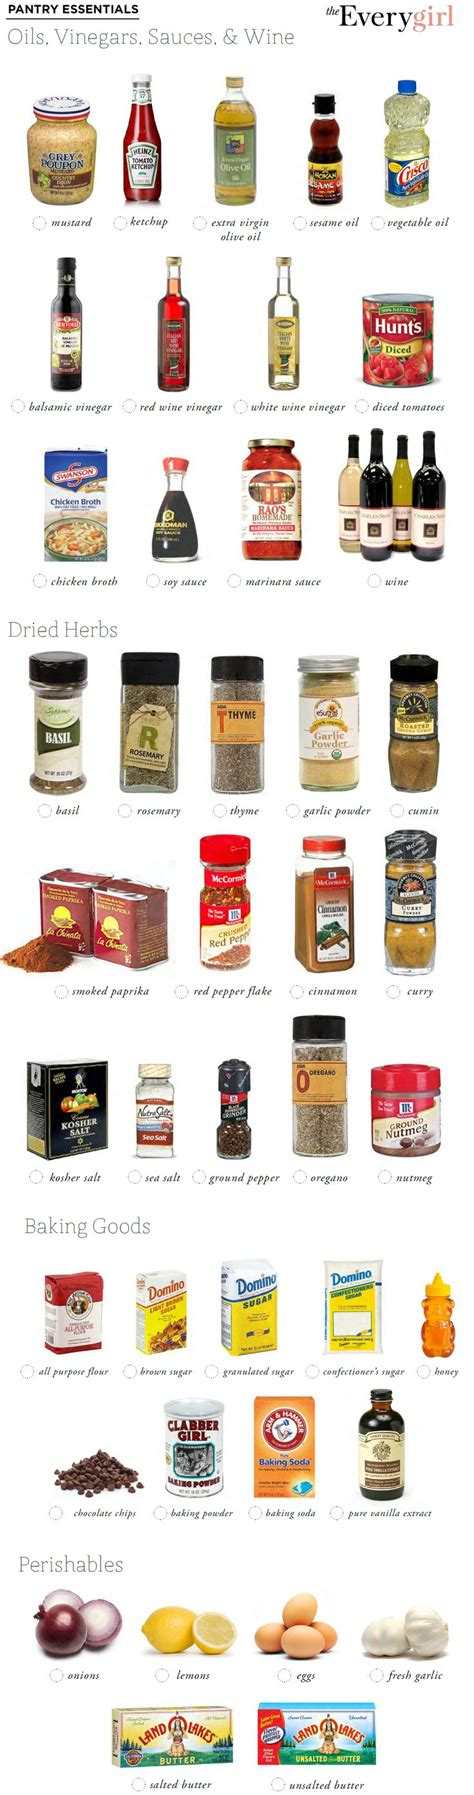 pantry essentials home pantry essentials basic kitchen kitchen essentials